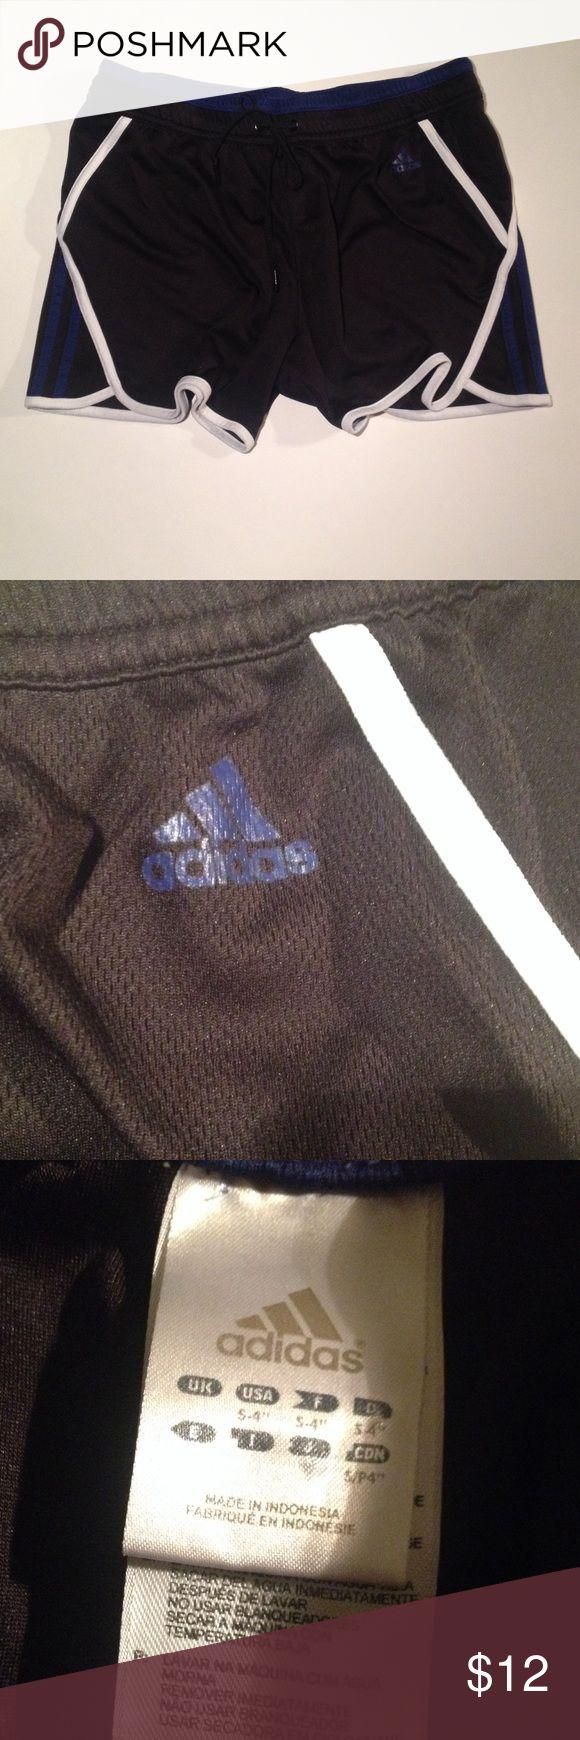 Adidas jogging shorts Tri color jog shorts. No lining. Adidas Shorts